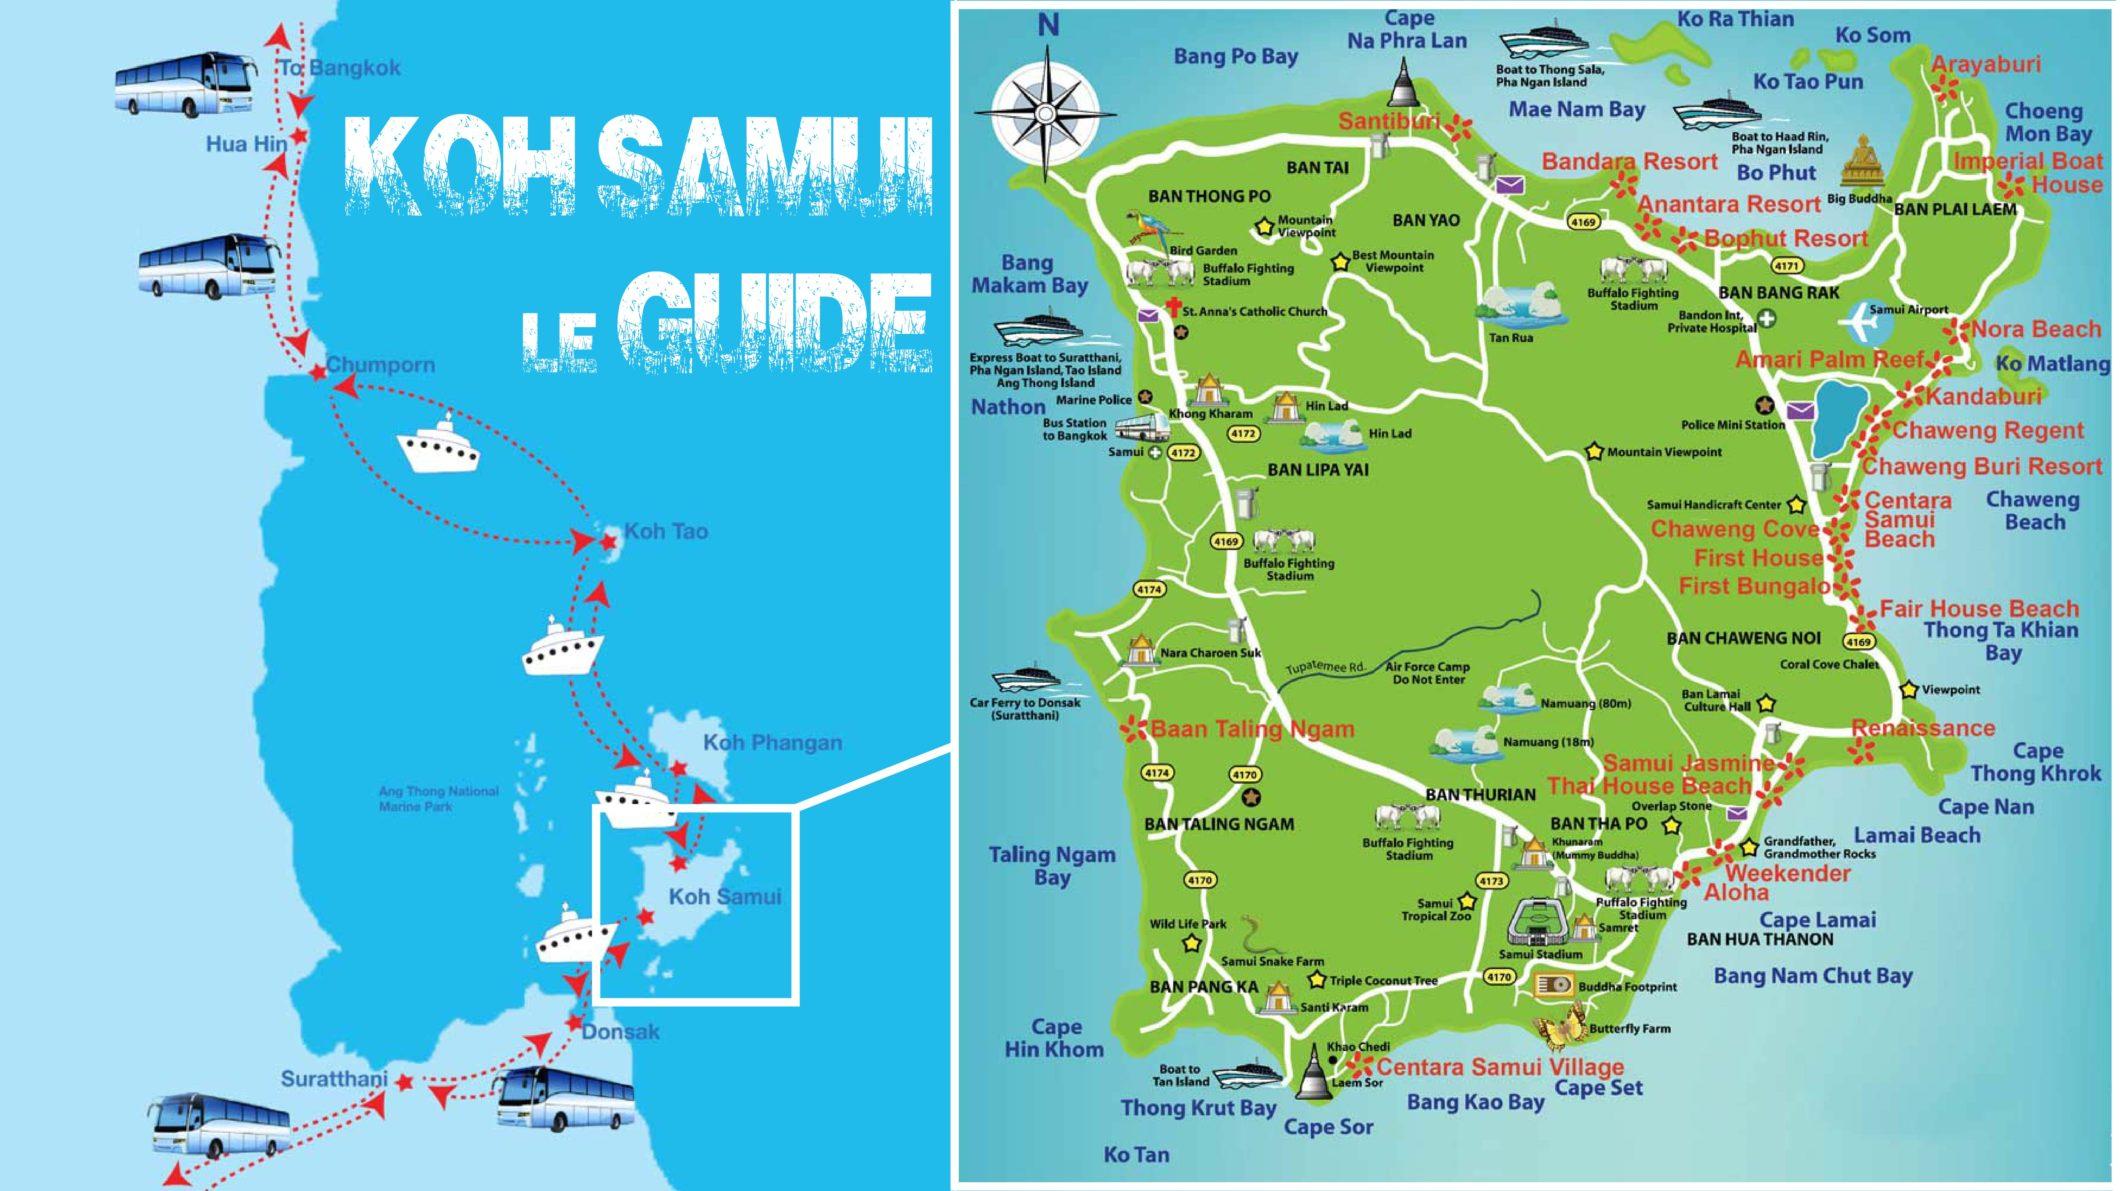 Carte Koh Samui En Francais.Guide De Koh Samui 2019 Informations Pratiques